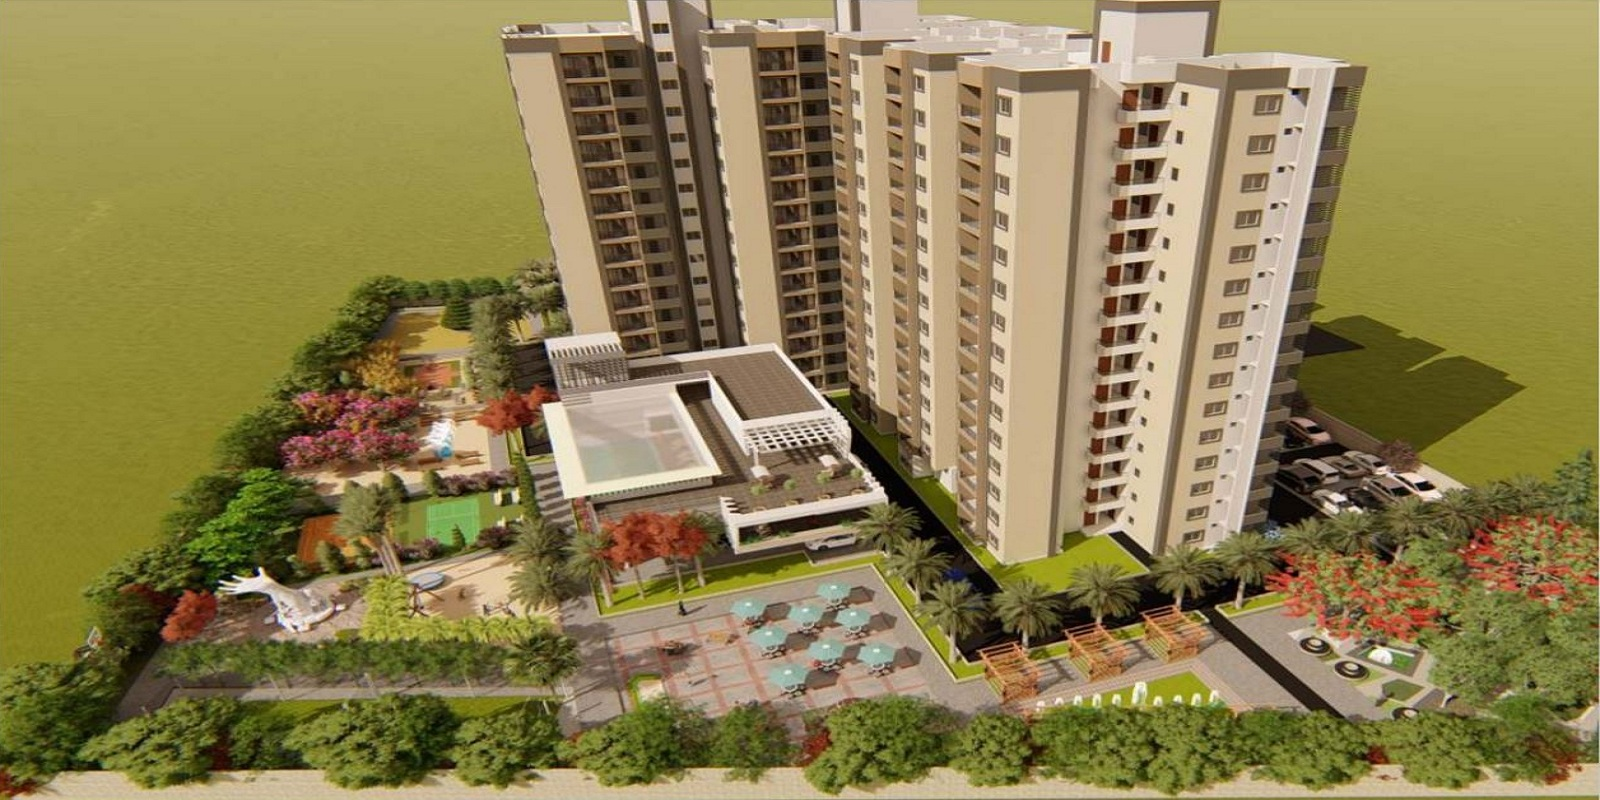 sai superia project large image2